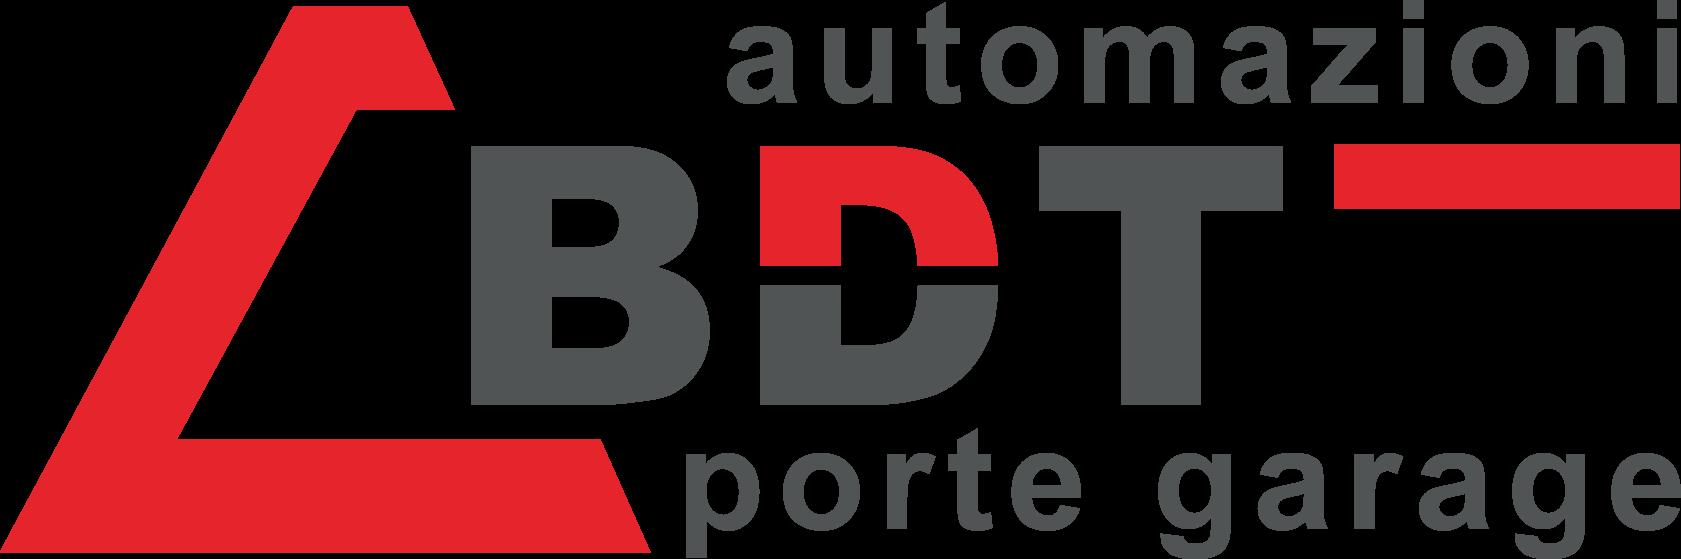 BDT Automazioni | Porte da Garage e porte industriali | Ticino